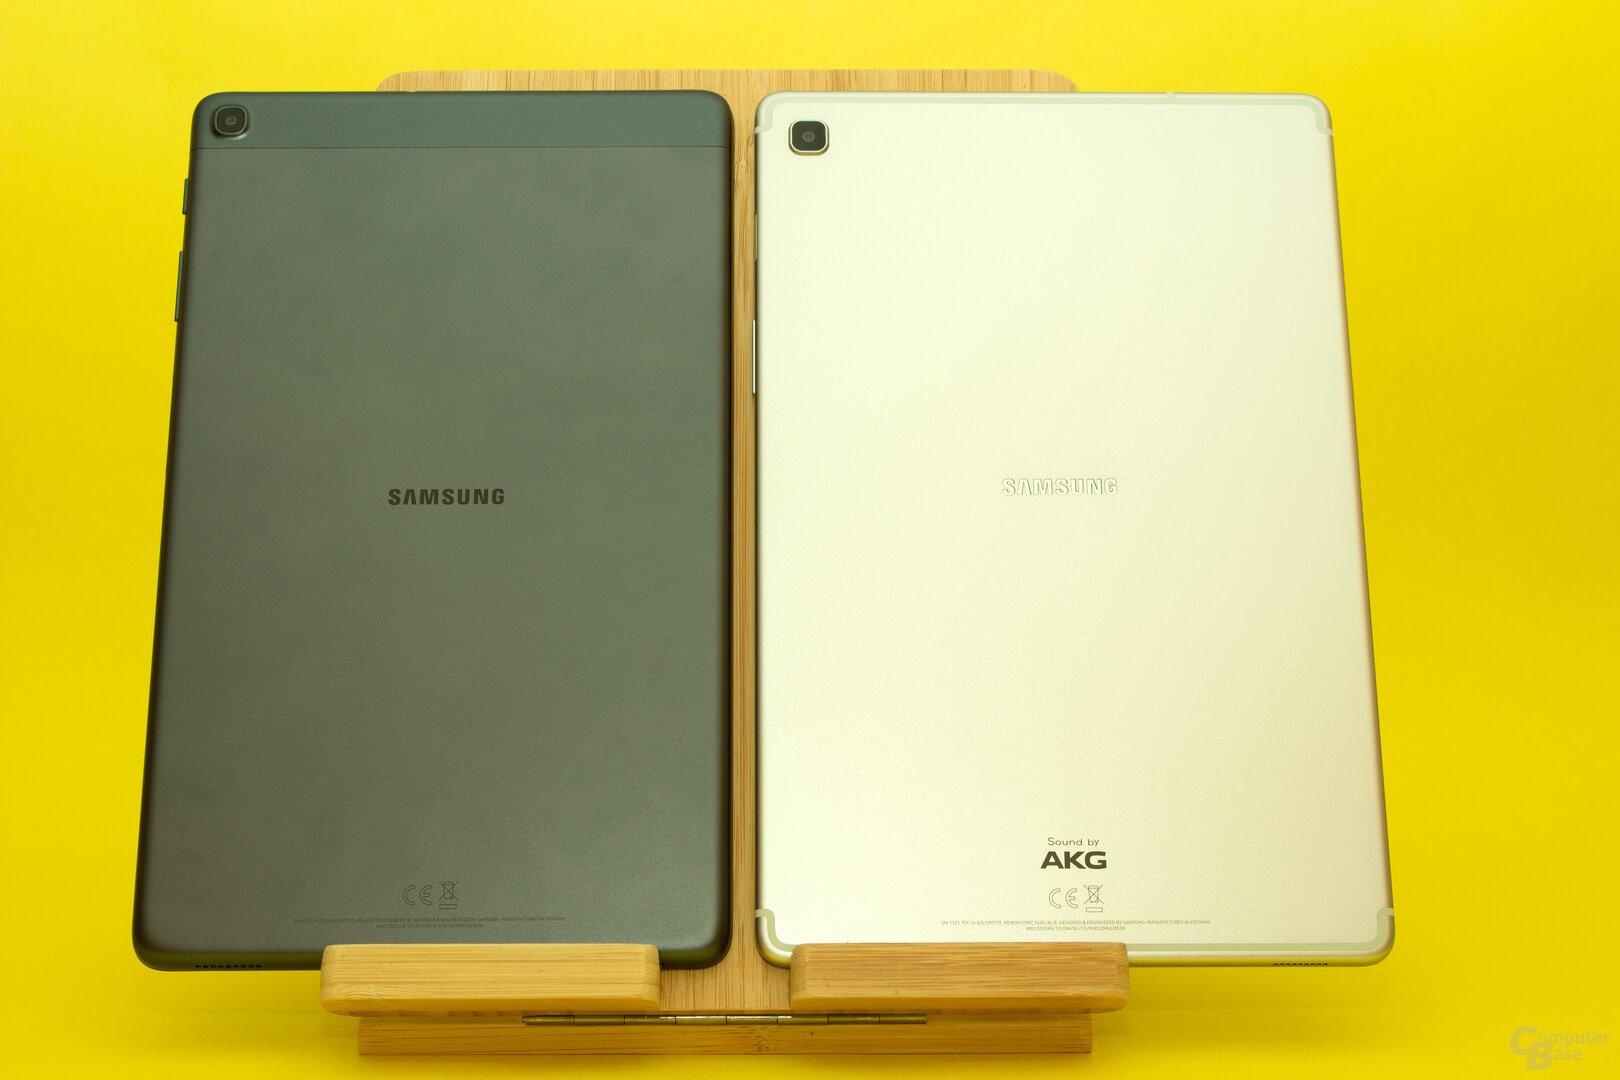 Samsung setzt bei beiden Tablets auf eine Rückseite aus Aluminium – welche schon einmal für kalte Finger sorgen kann